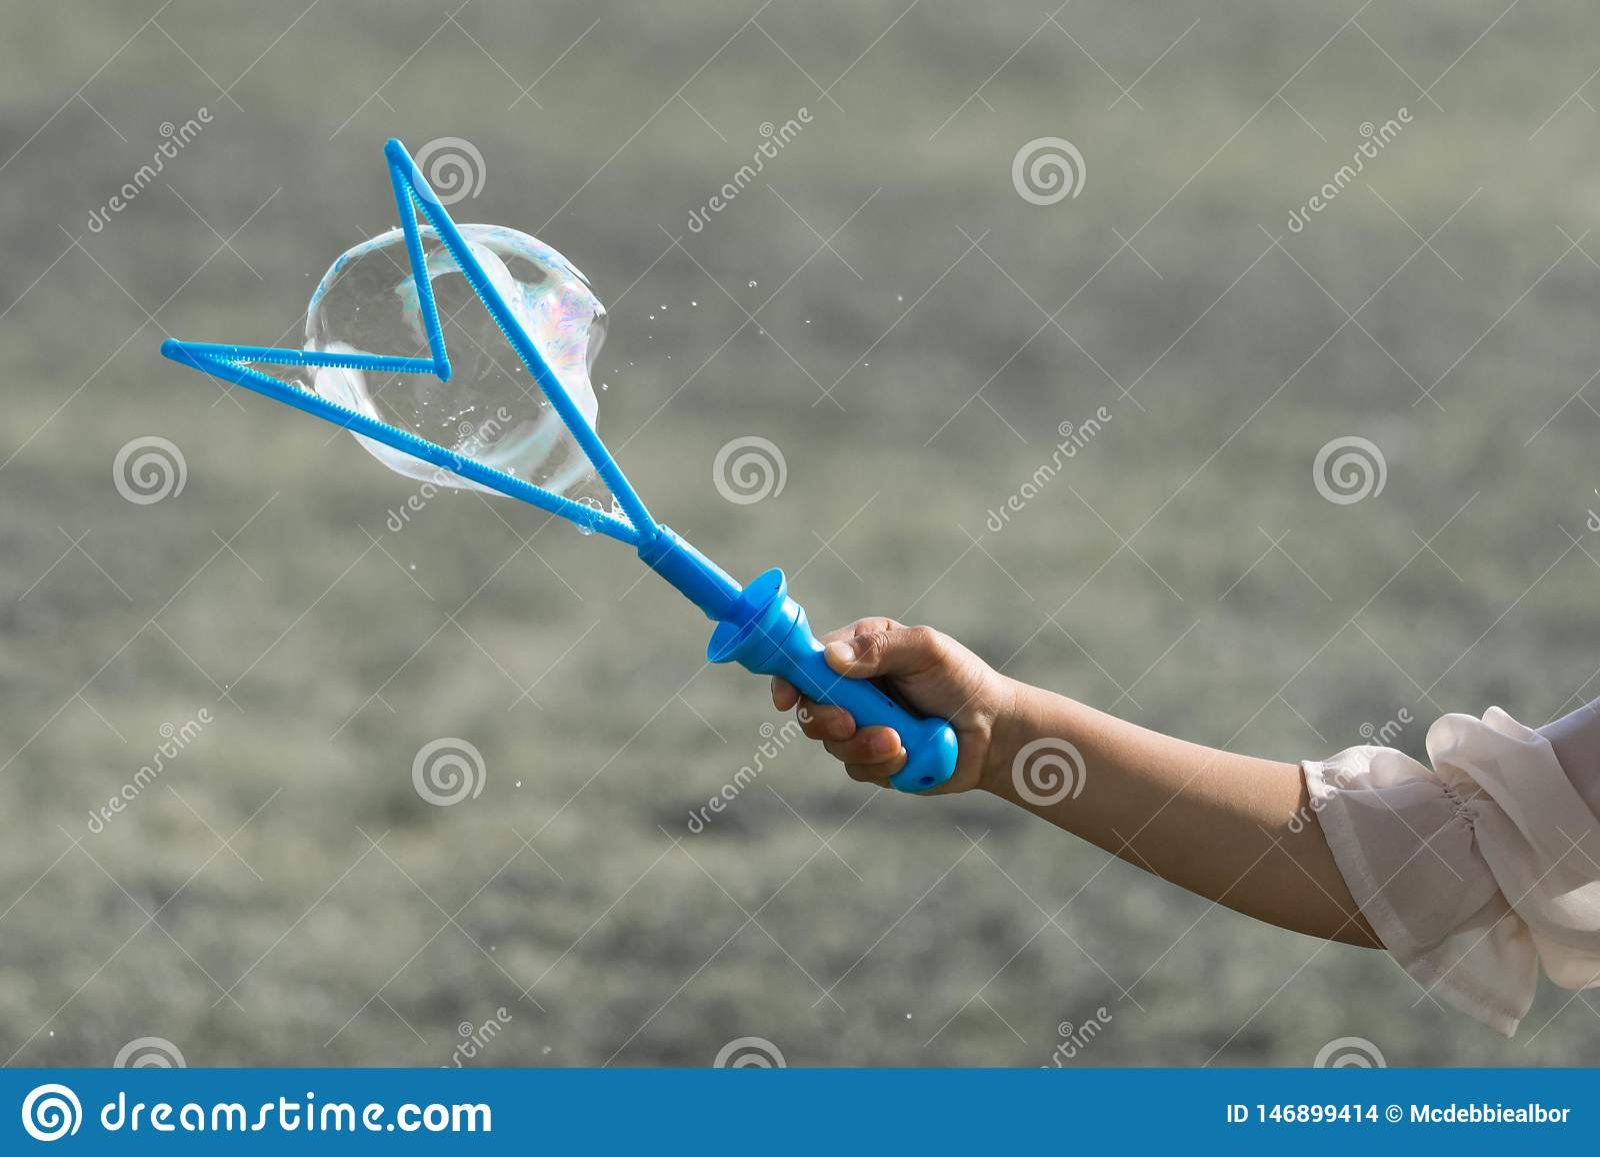 Een hand van een weinig jong meisje die een blauwe bellenmaker houden en borrelt maken